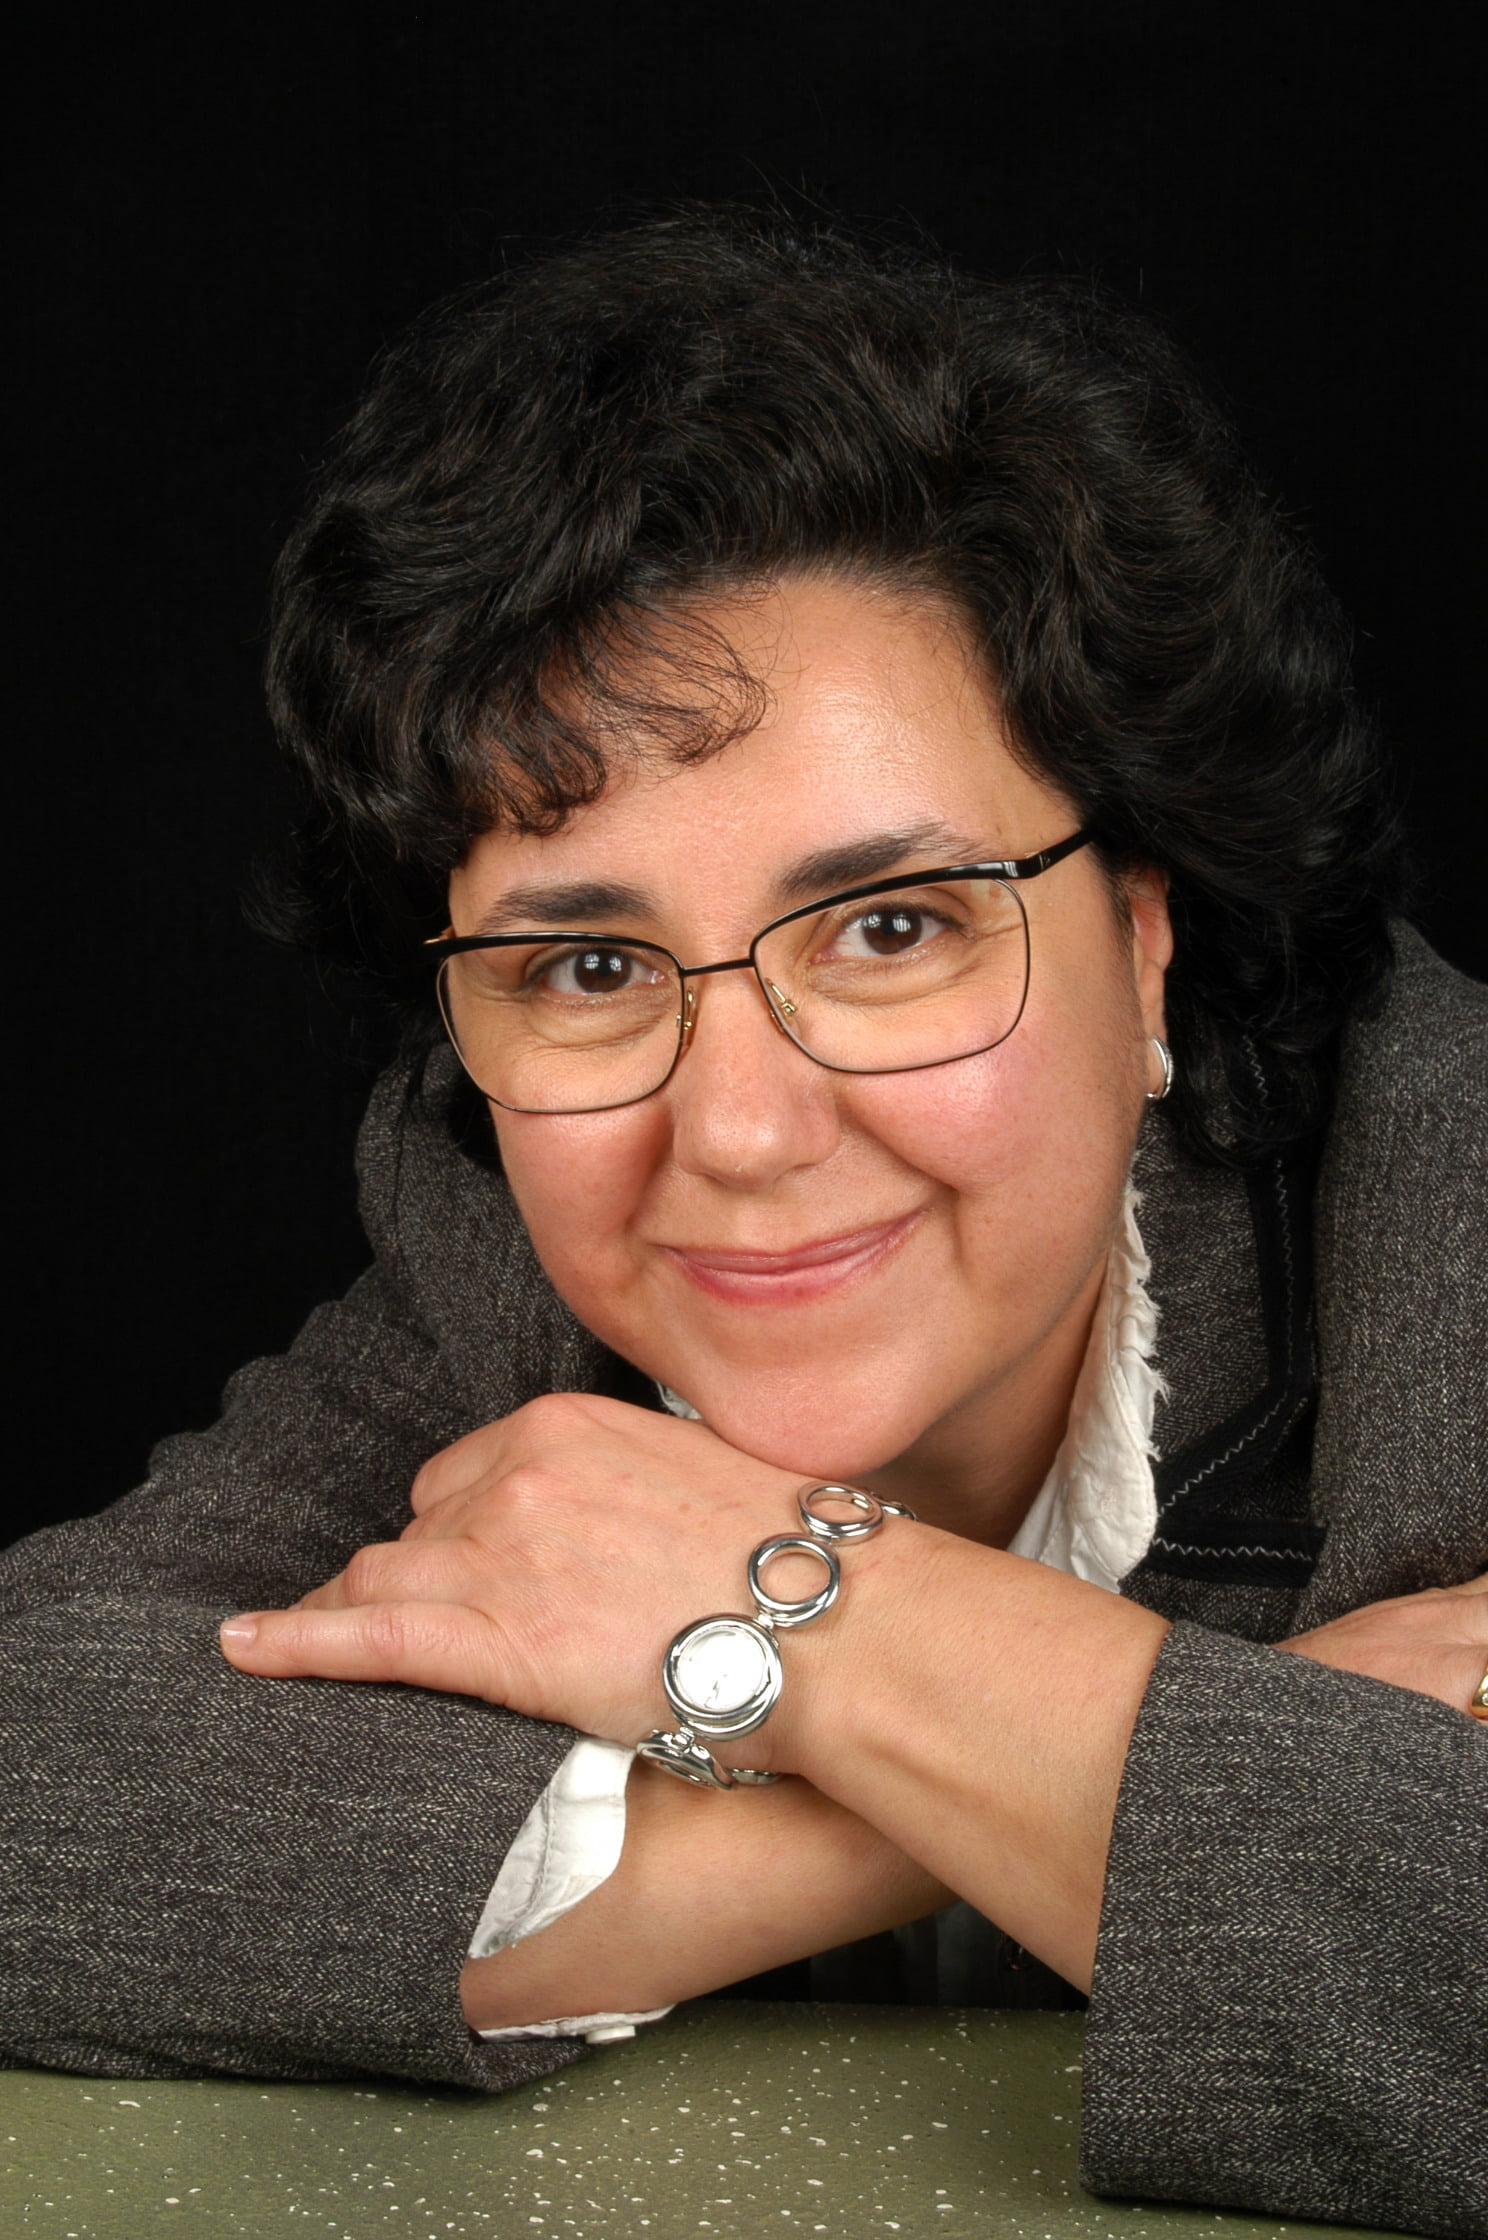 Sra. Amelia Conejero Lobos